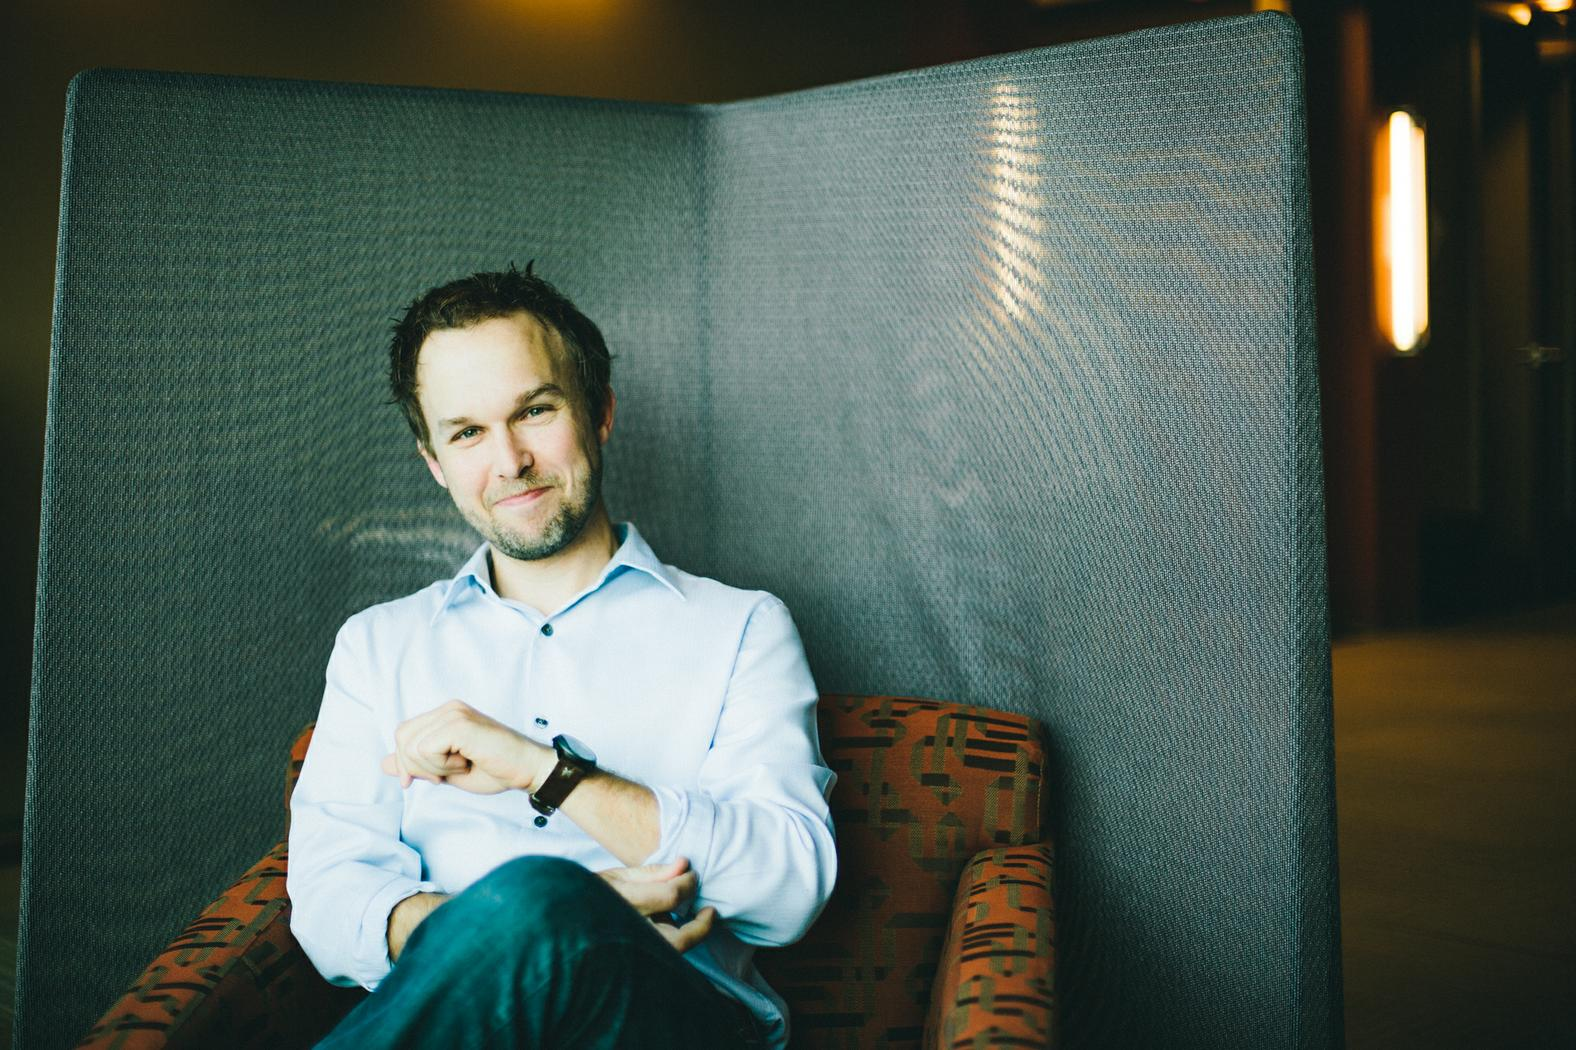 Derrick Hoog